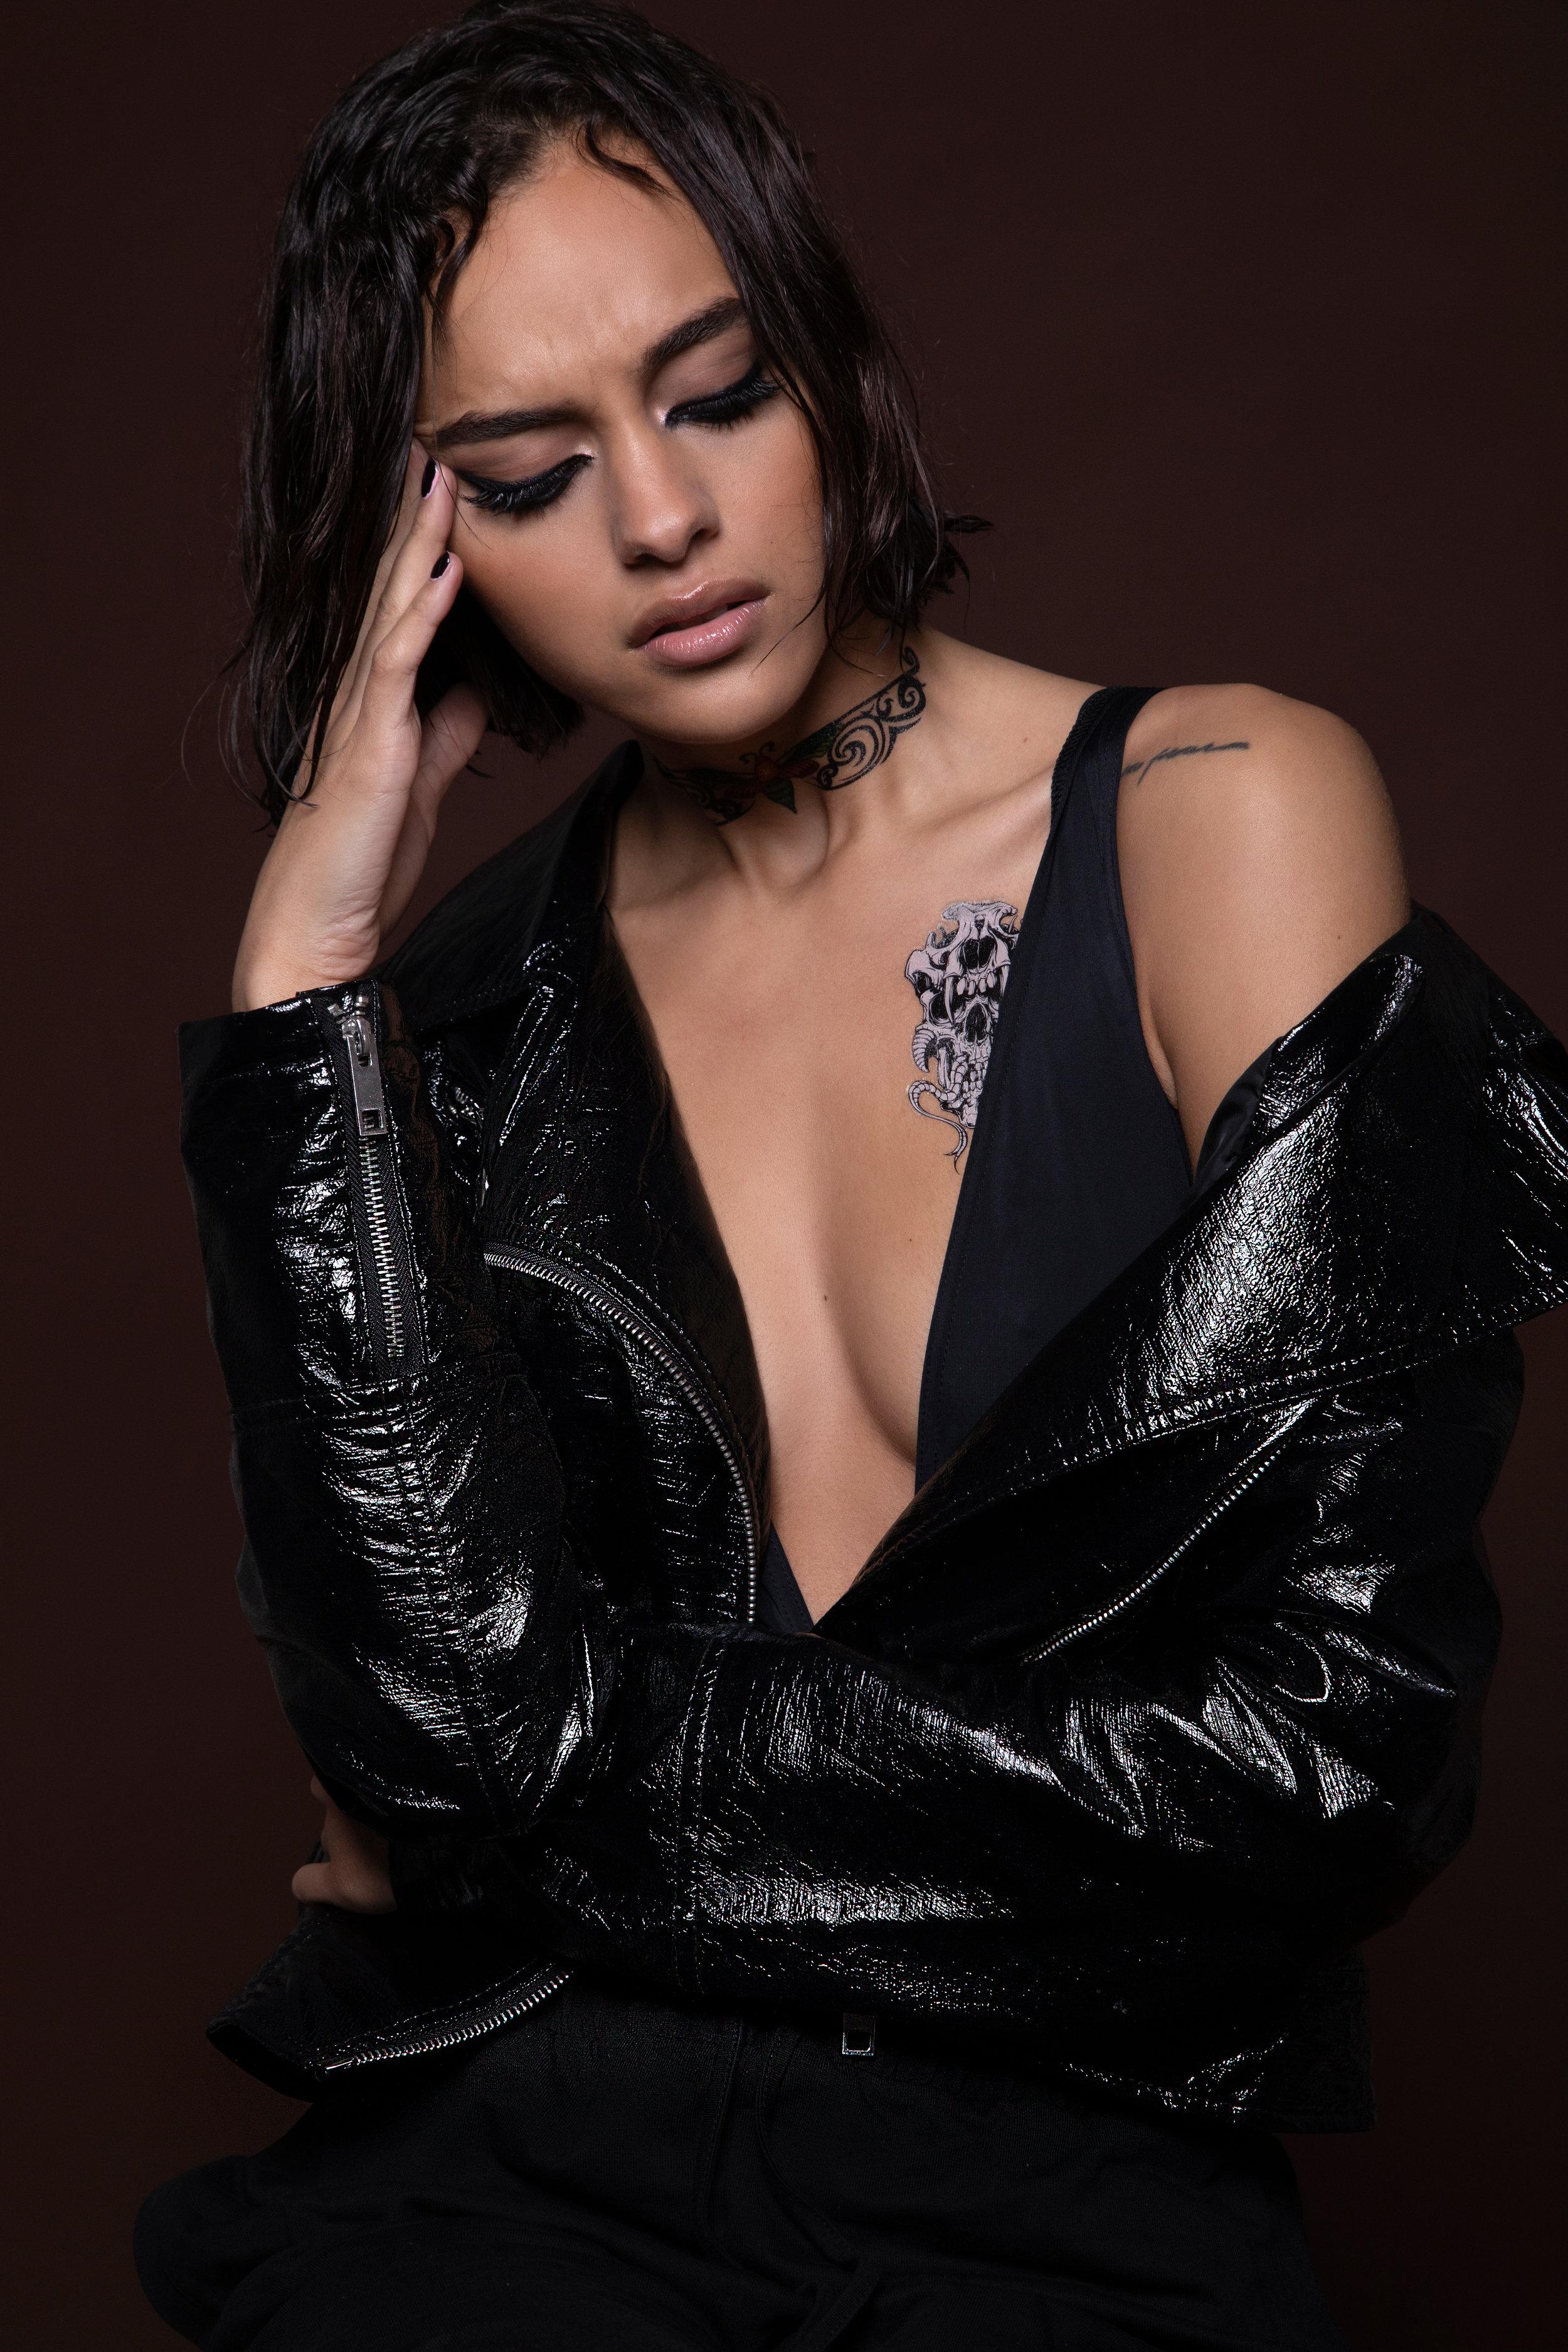 Tessa-Kerrs_Nicole_Charlotte_5.jpg